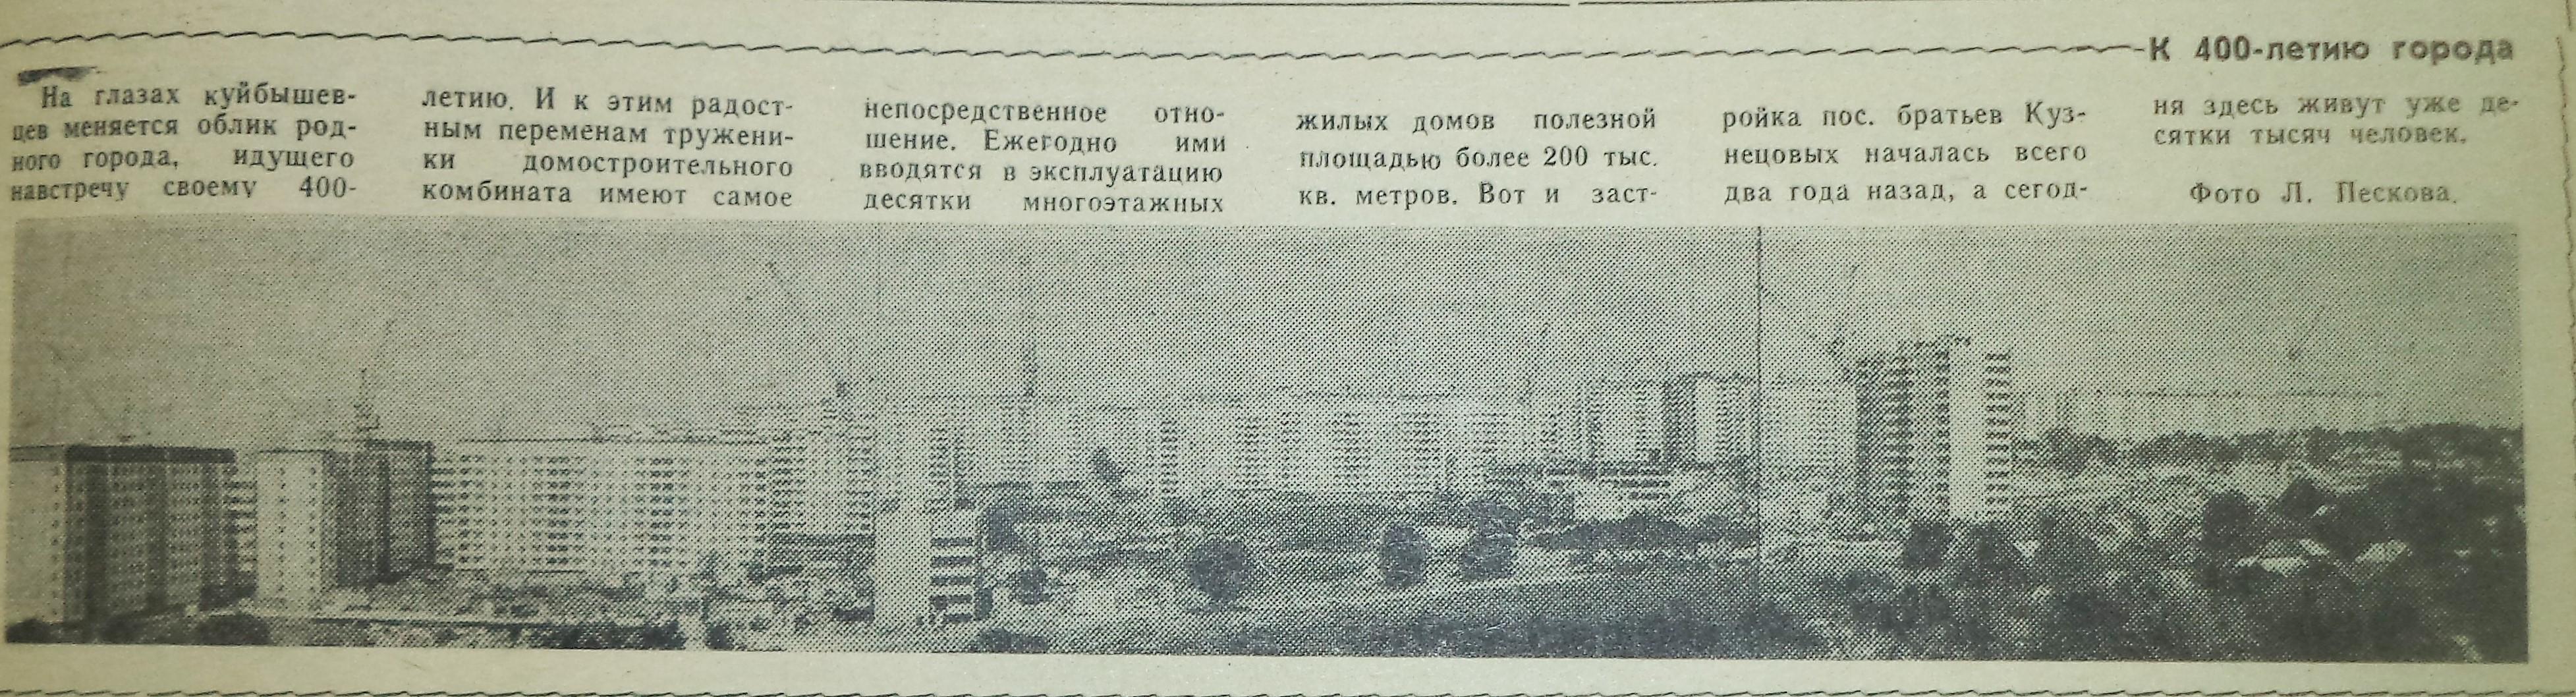 Пензенская-ФОТО-25-Строитель-1985-22 ноября